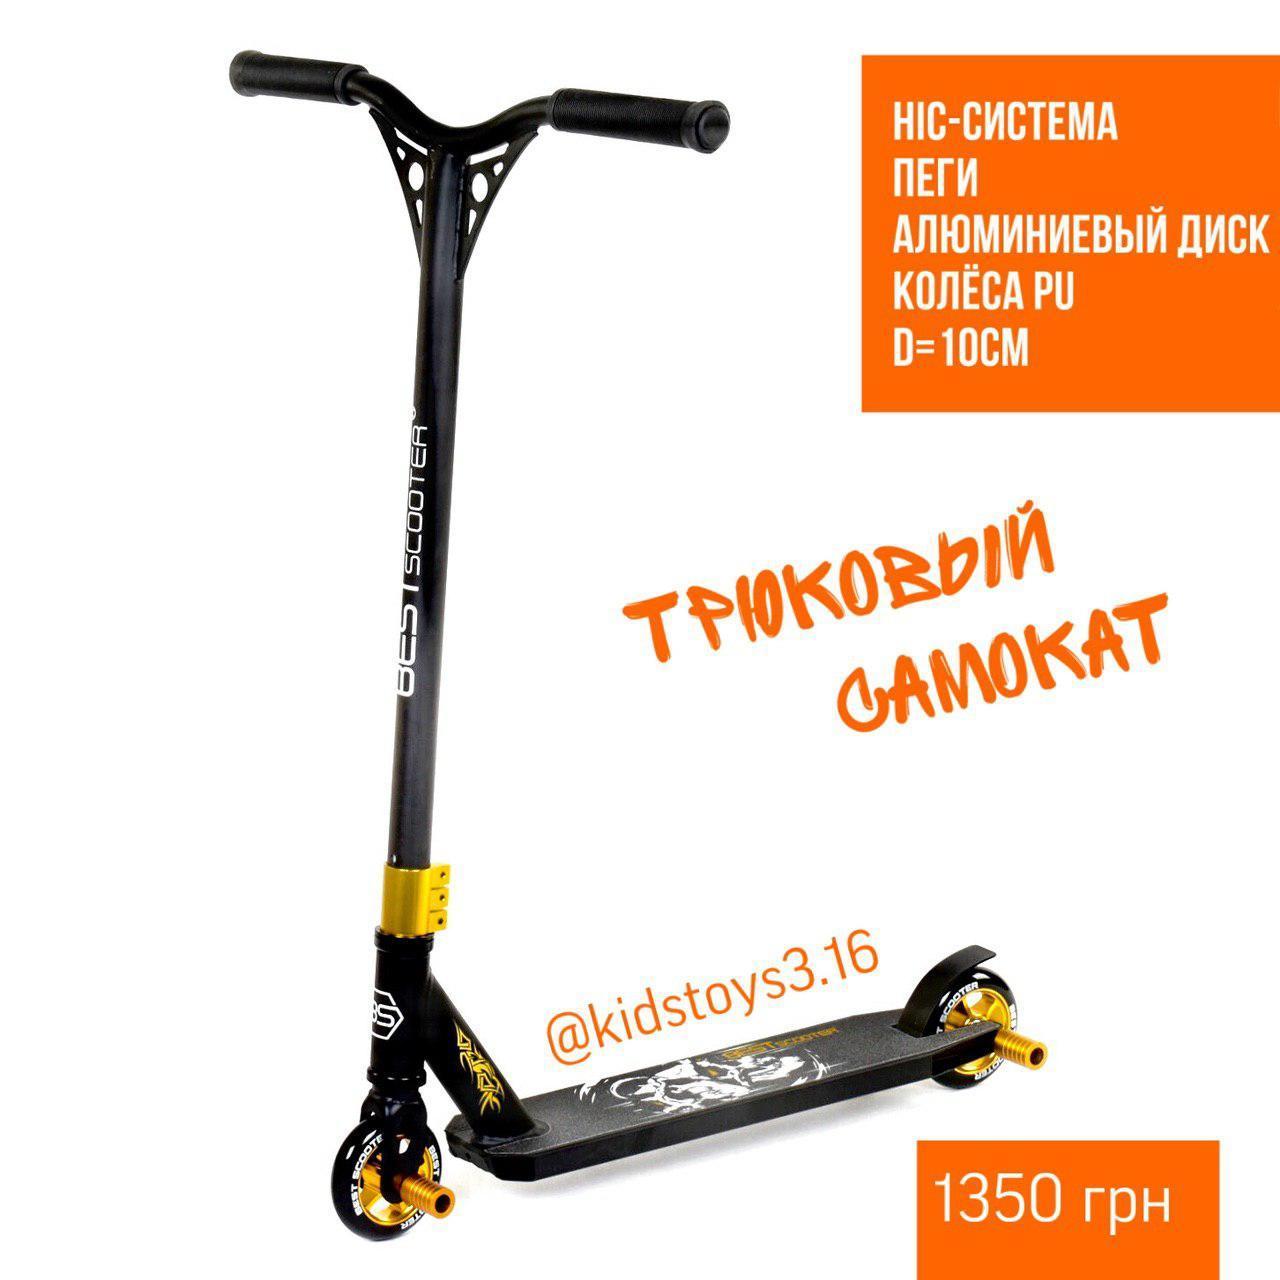 Самокат трюковый 85528 Best Scooter (4) HIC-система, ПЕГИ, алюминиевый диск и дека, колёса PU, d=10см